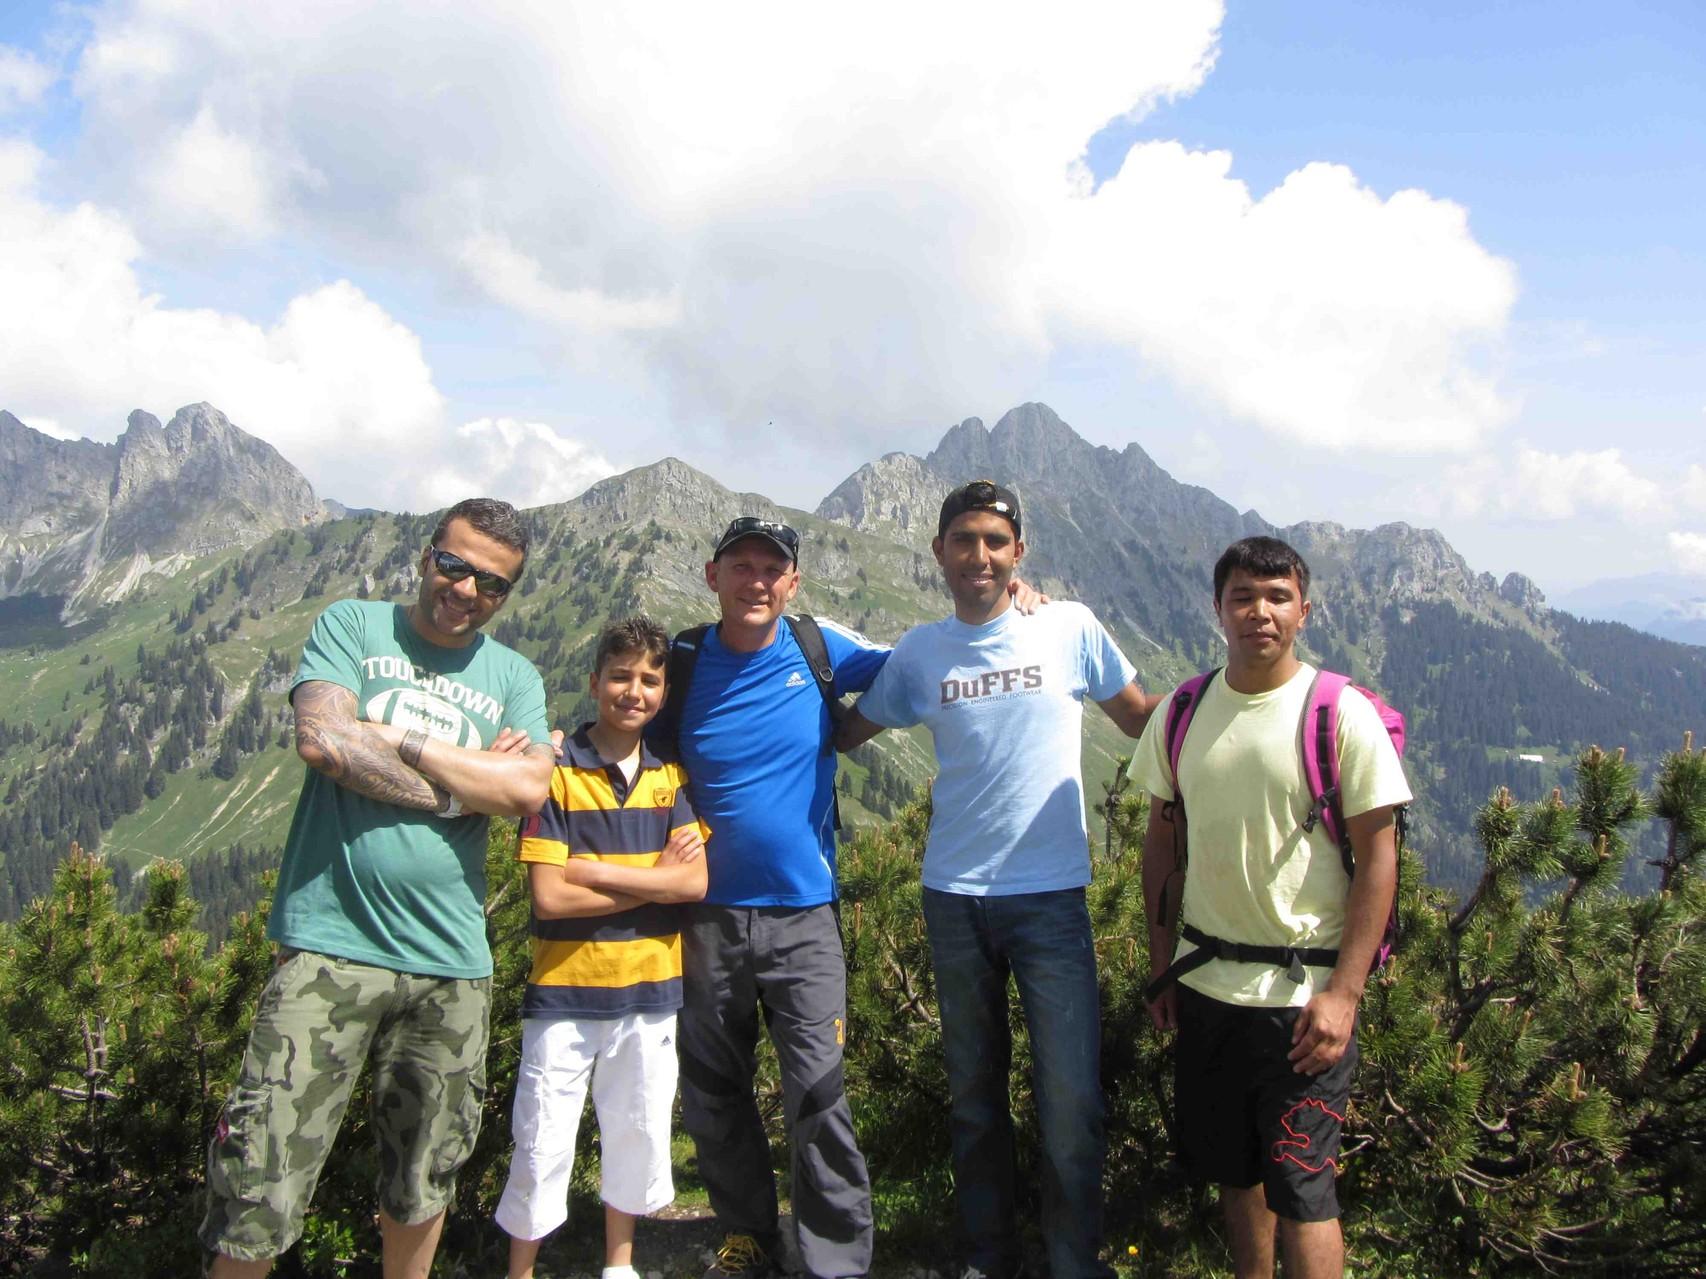 Am Gipfel des Talkessels - Hahnenkamm - in Reutte